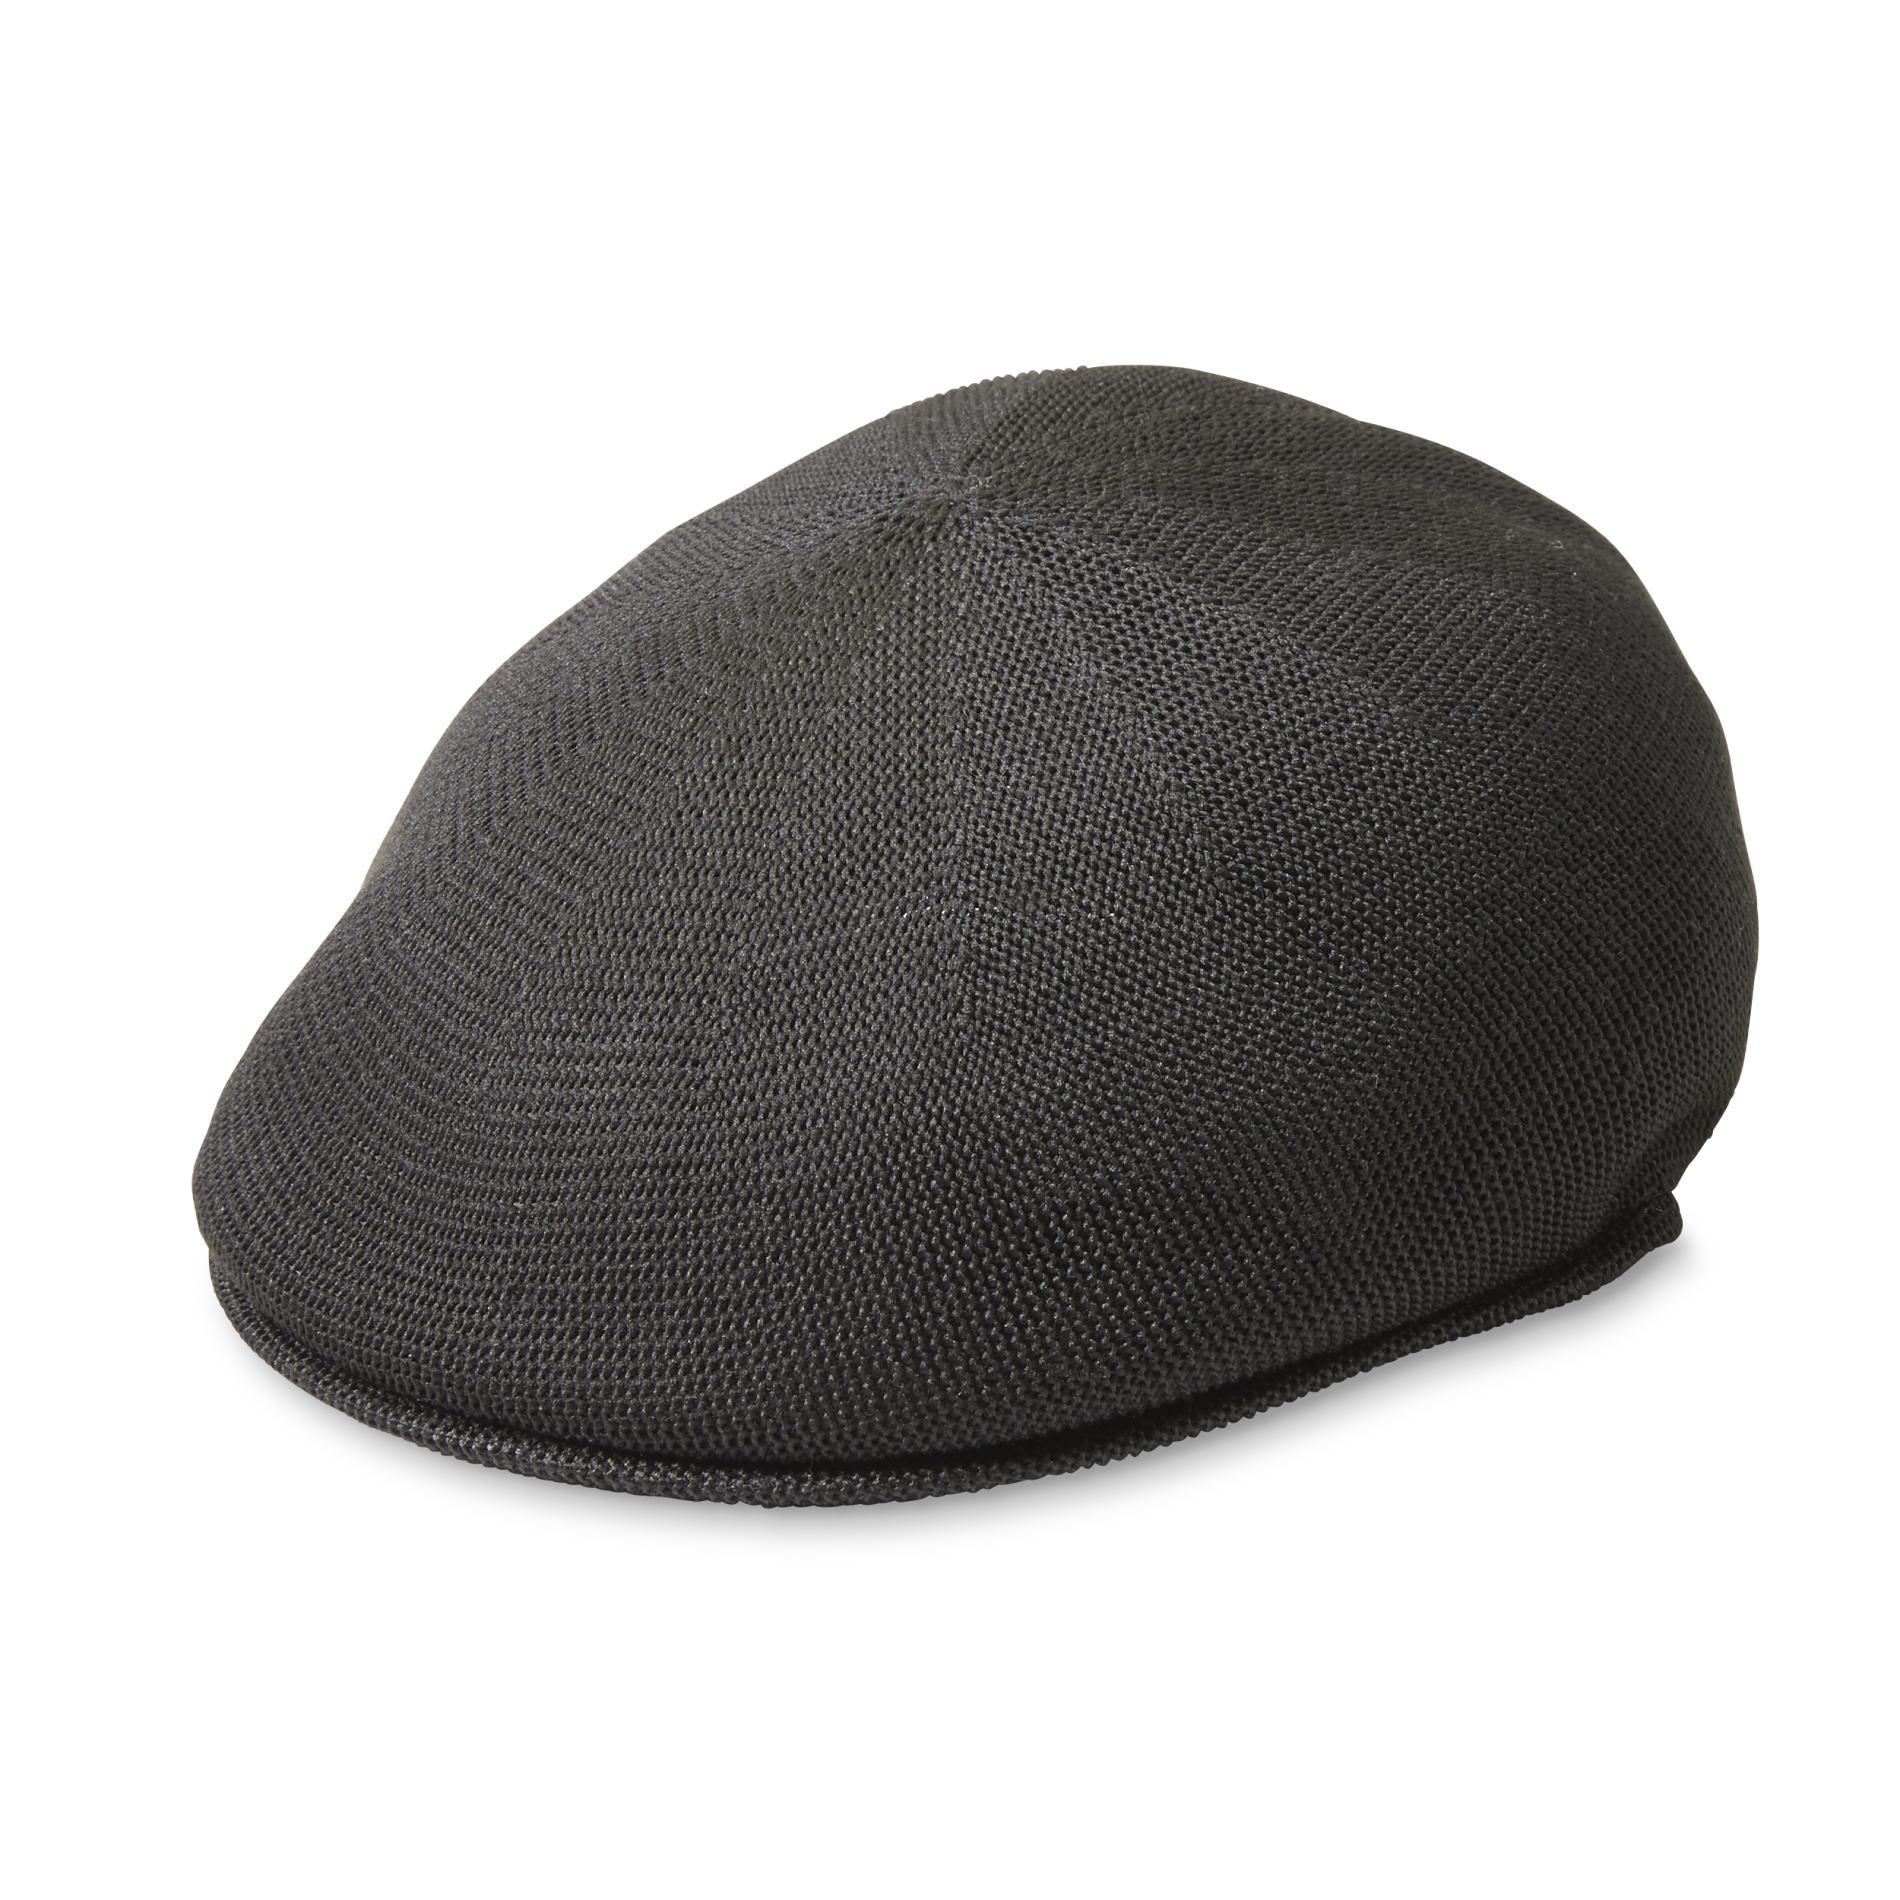 U.S. Polo Assn Hats